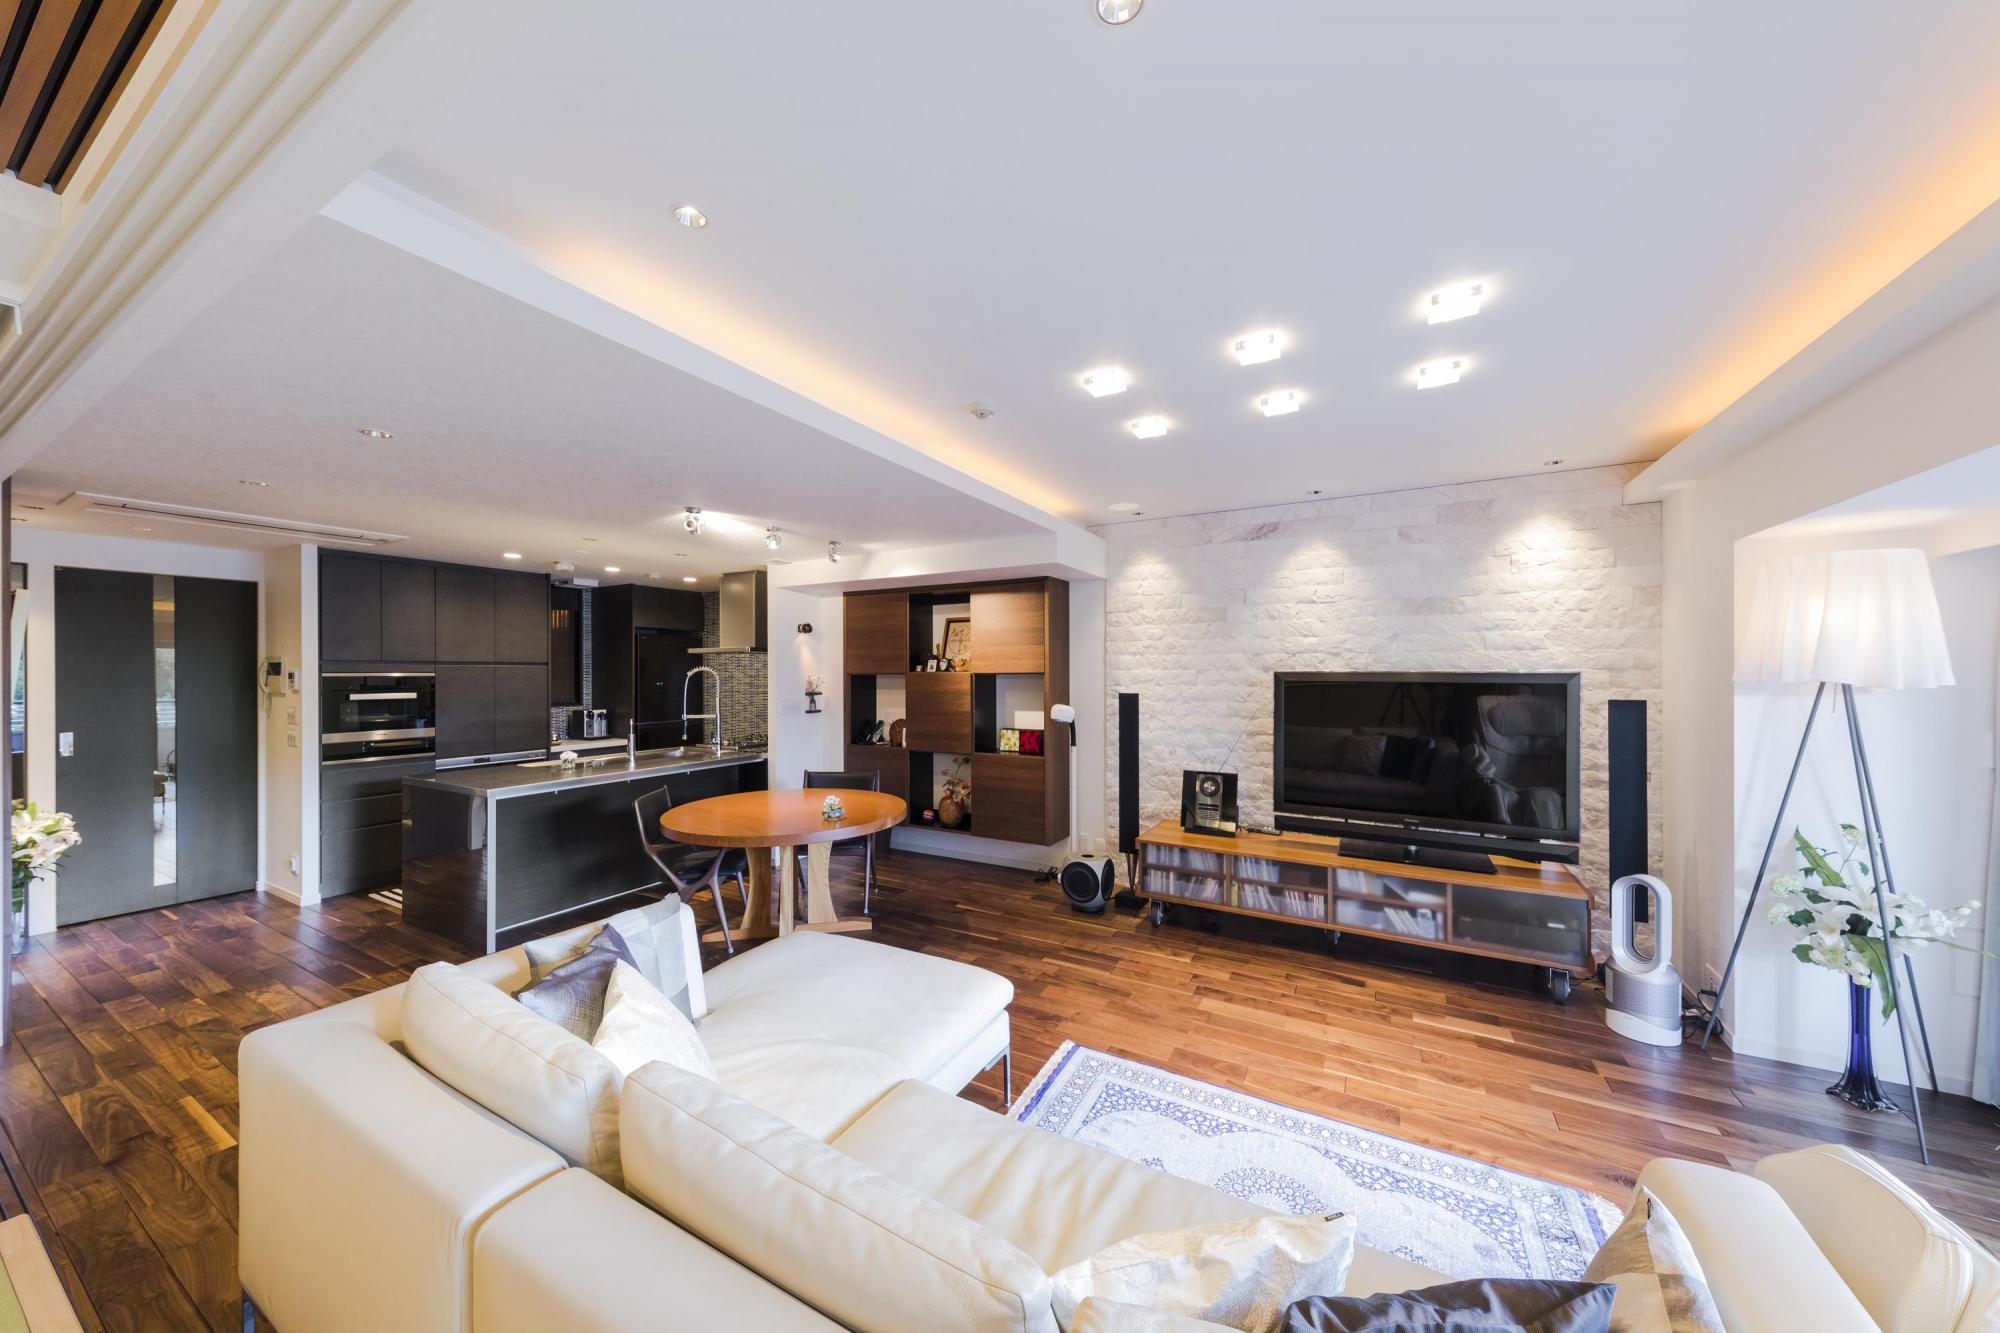 既存の和室の一部を取り去り、LDKに取り込むことで広々とした大空間を実現。もともとあった床暖房を活かしたいと考えていたTさんだが、「床暖房を諦めても、気に入ったものを」と、住友林業ホームテックが提供するウォルナットの無垢材を採用したという